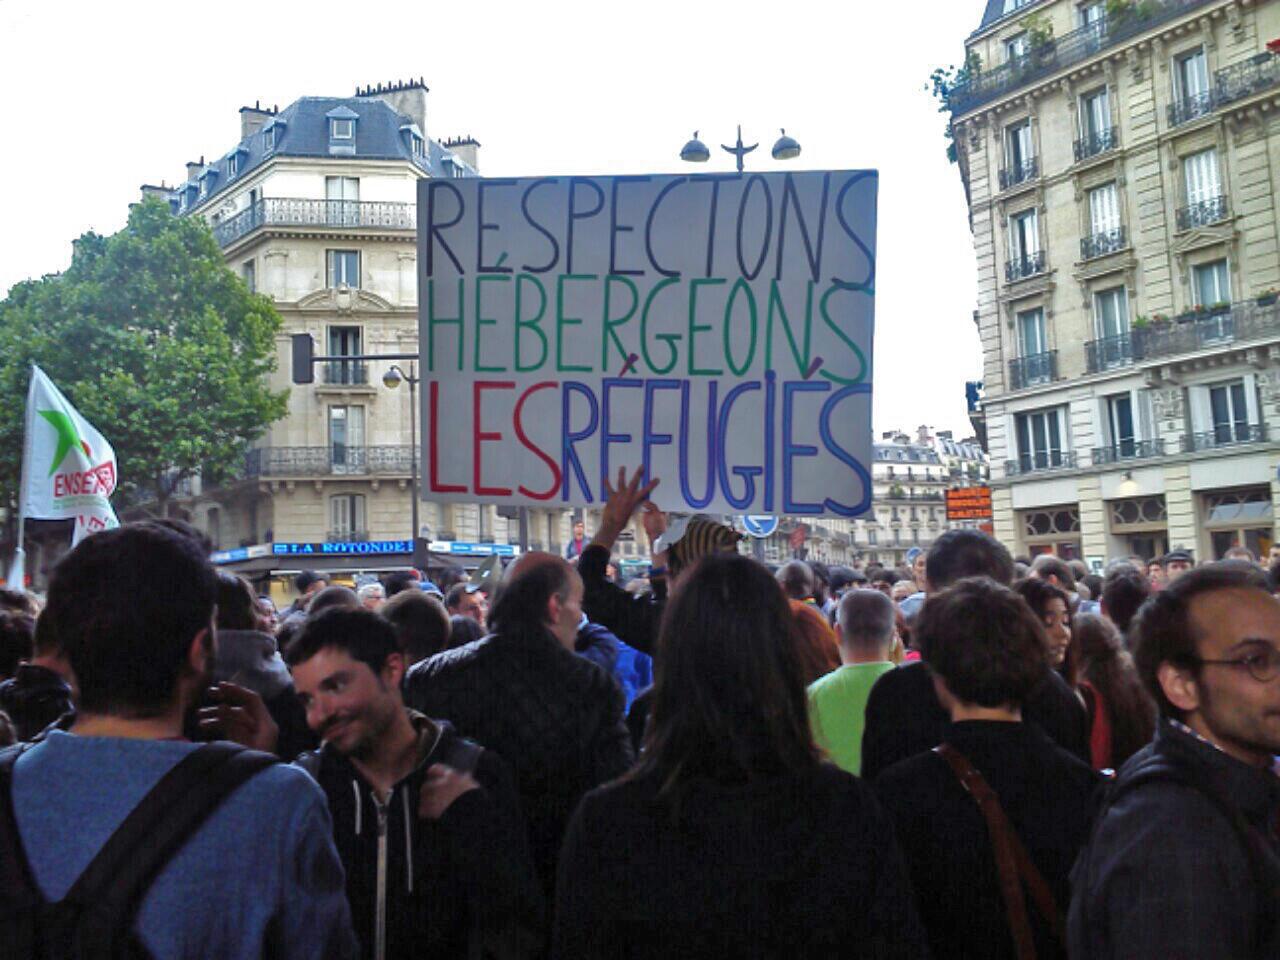 Manifestación en apoyo a los refugiados, este martes 9 de junio en París.